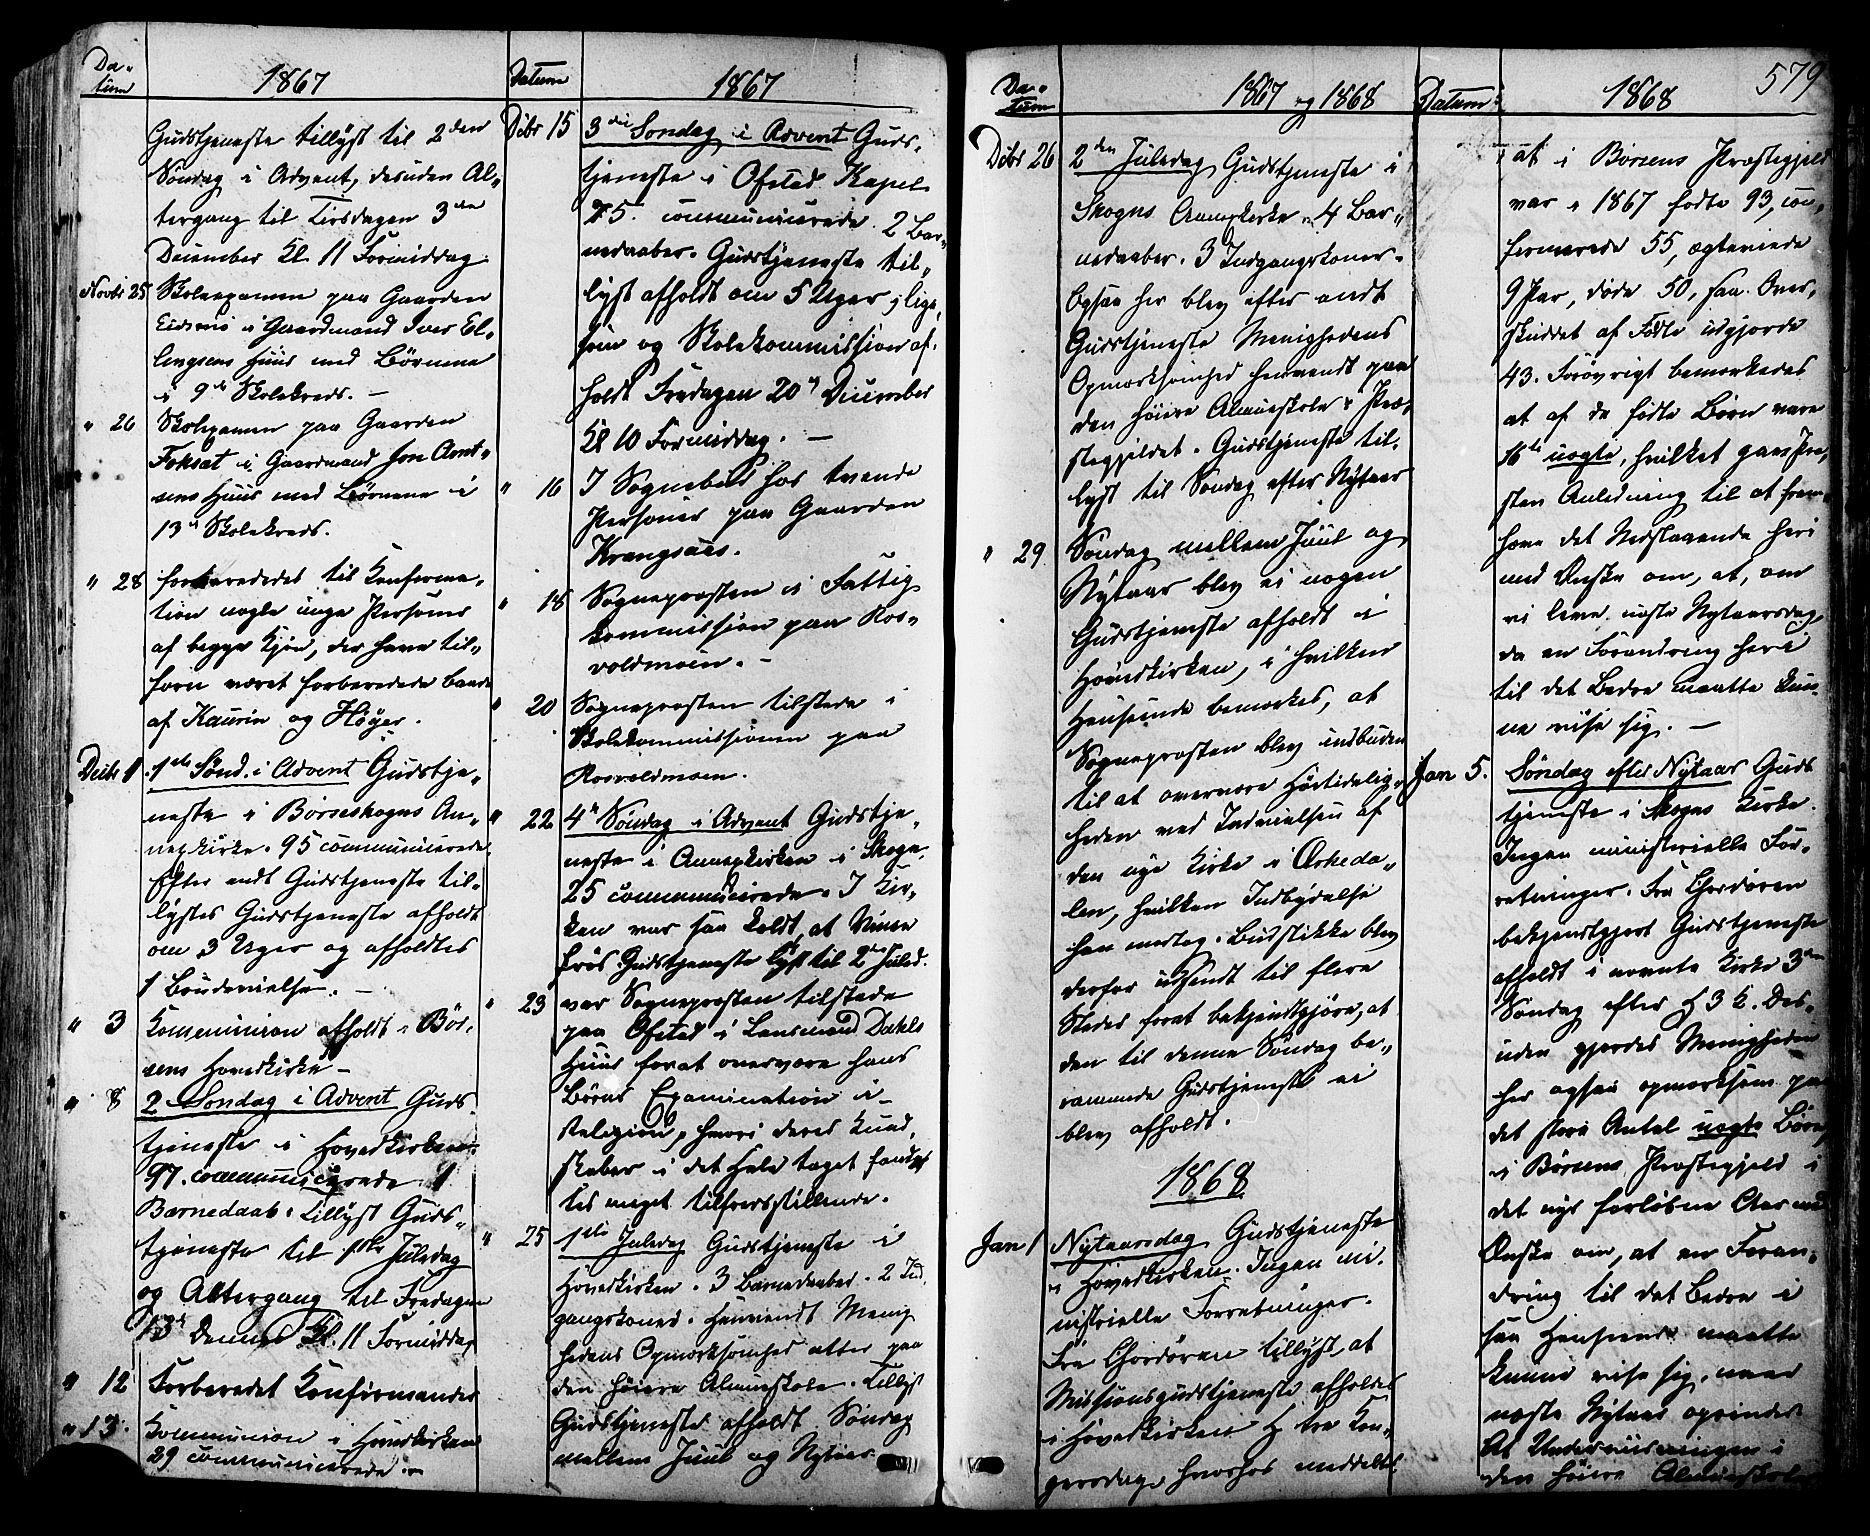 SAT, Ministerialprotokoller, klokkerbøker og fødselsregistre - Sør-Trøndelag, 665/L0772: Ministerialbok nr. 665A07, 1856-1878, s. 579